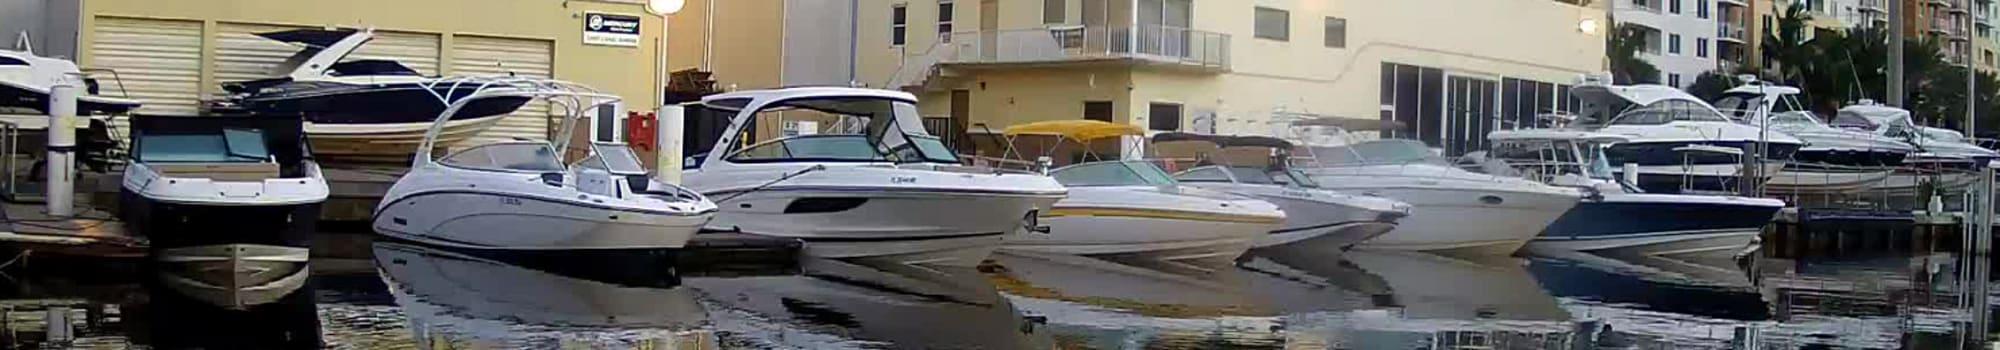 Reviews of Aquamarina Hi-Lift in Aventura, Florida